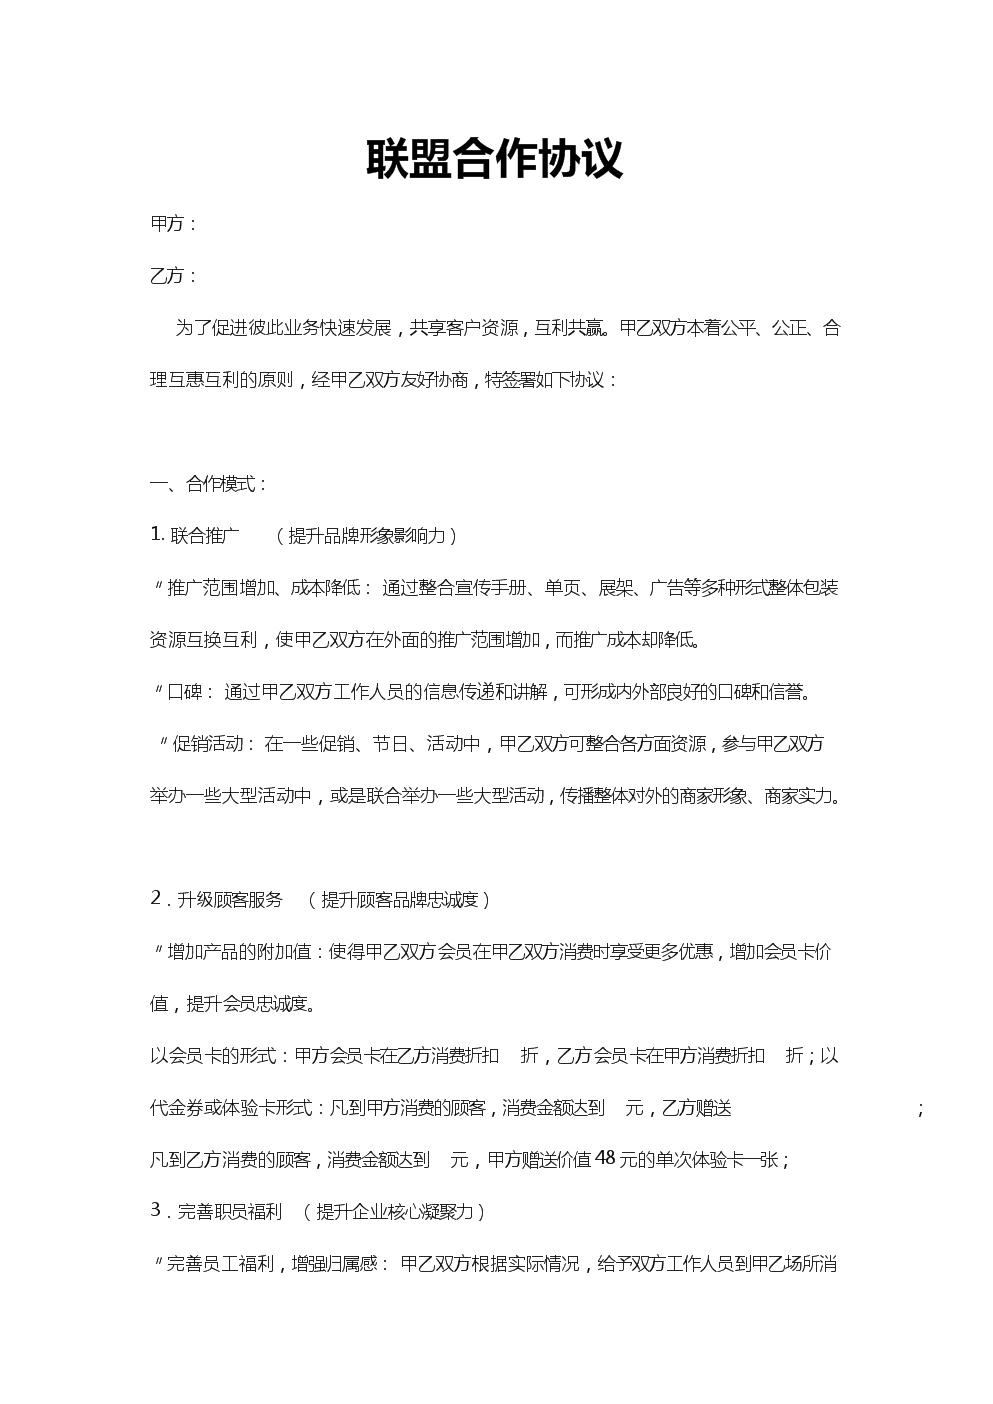 生意联盟合作协议word模板.docx